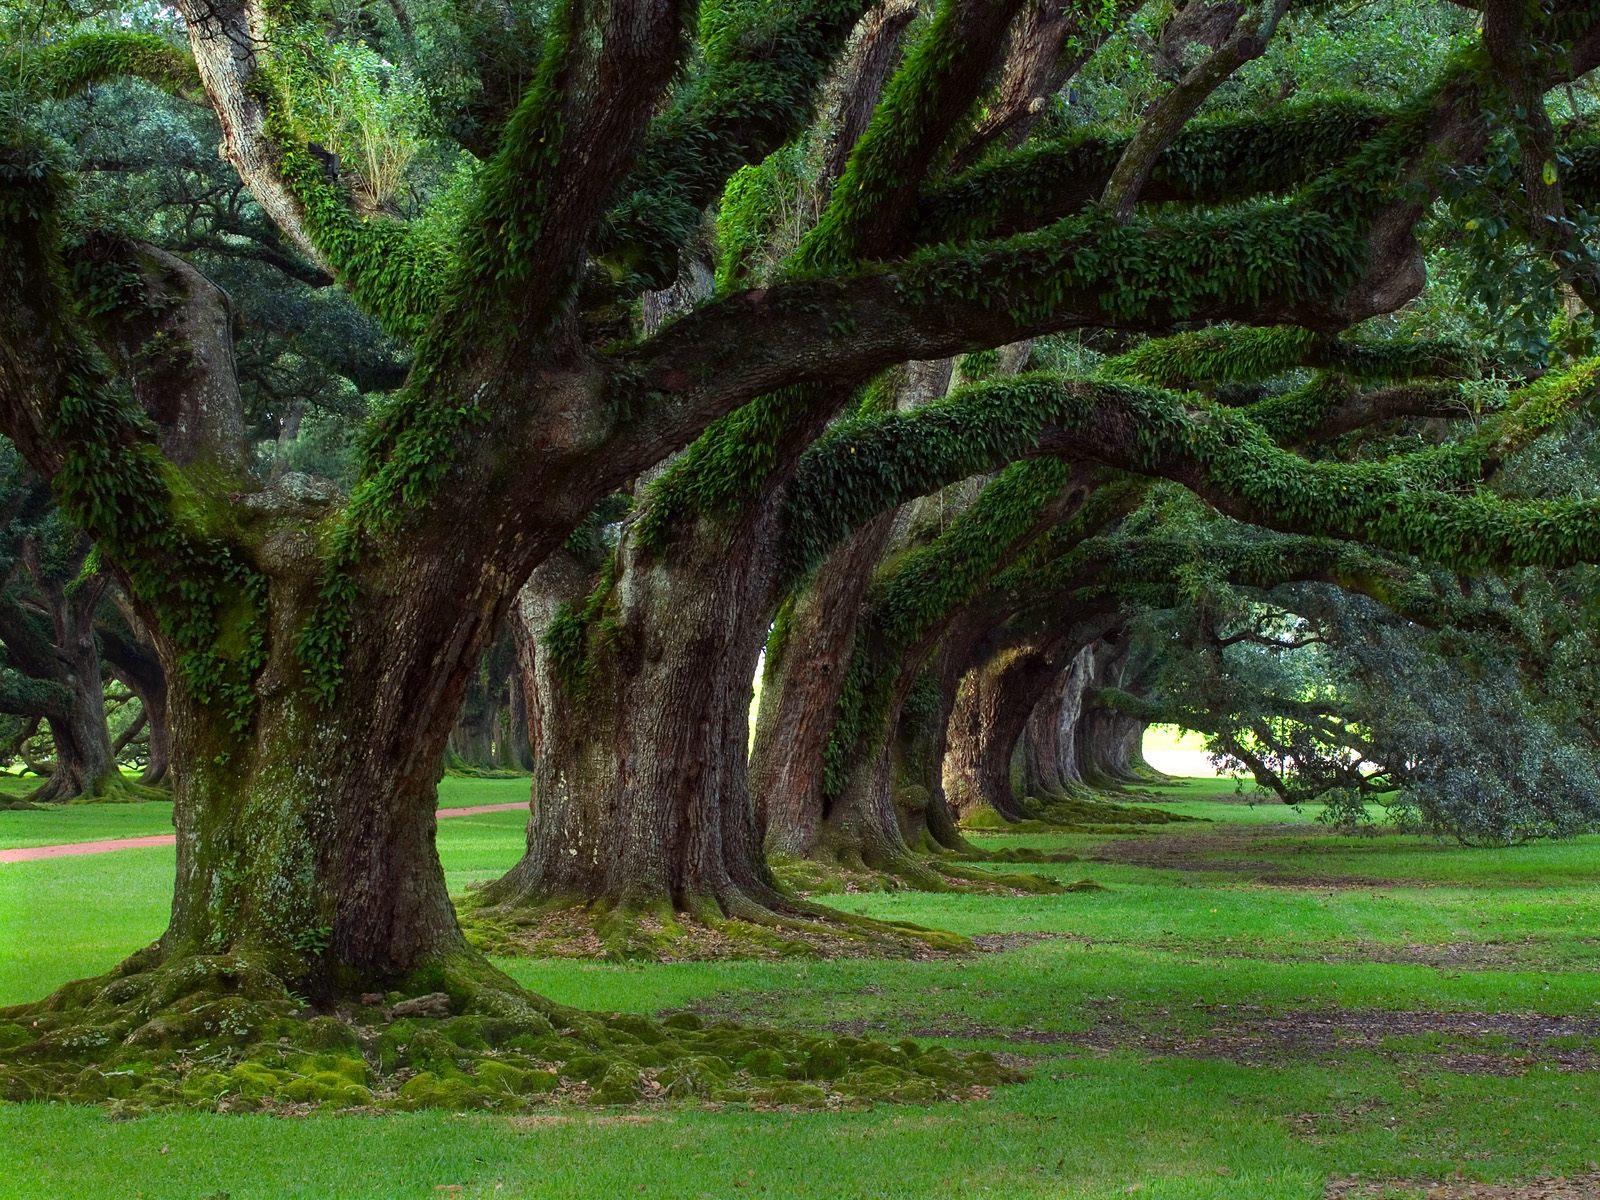 http://1.bp.blogspot.com/-nEtHM0NCnwA/USOsl51N4OI/AAAAAAAAAA4/aslAvxU-HOk/s1600/Forest+Wallpaper+2013.jpg